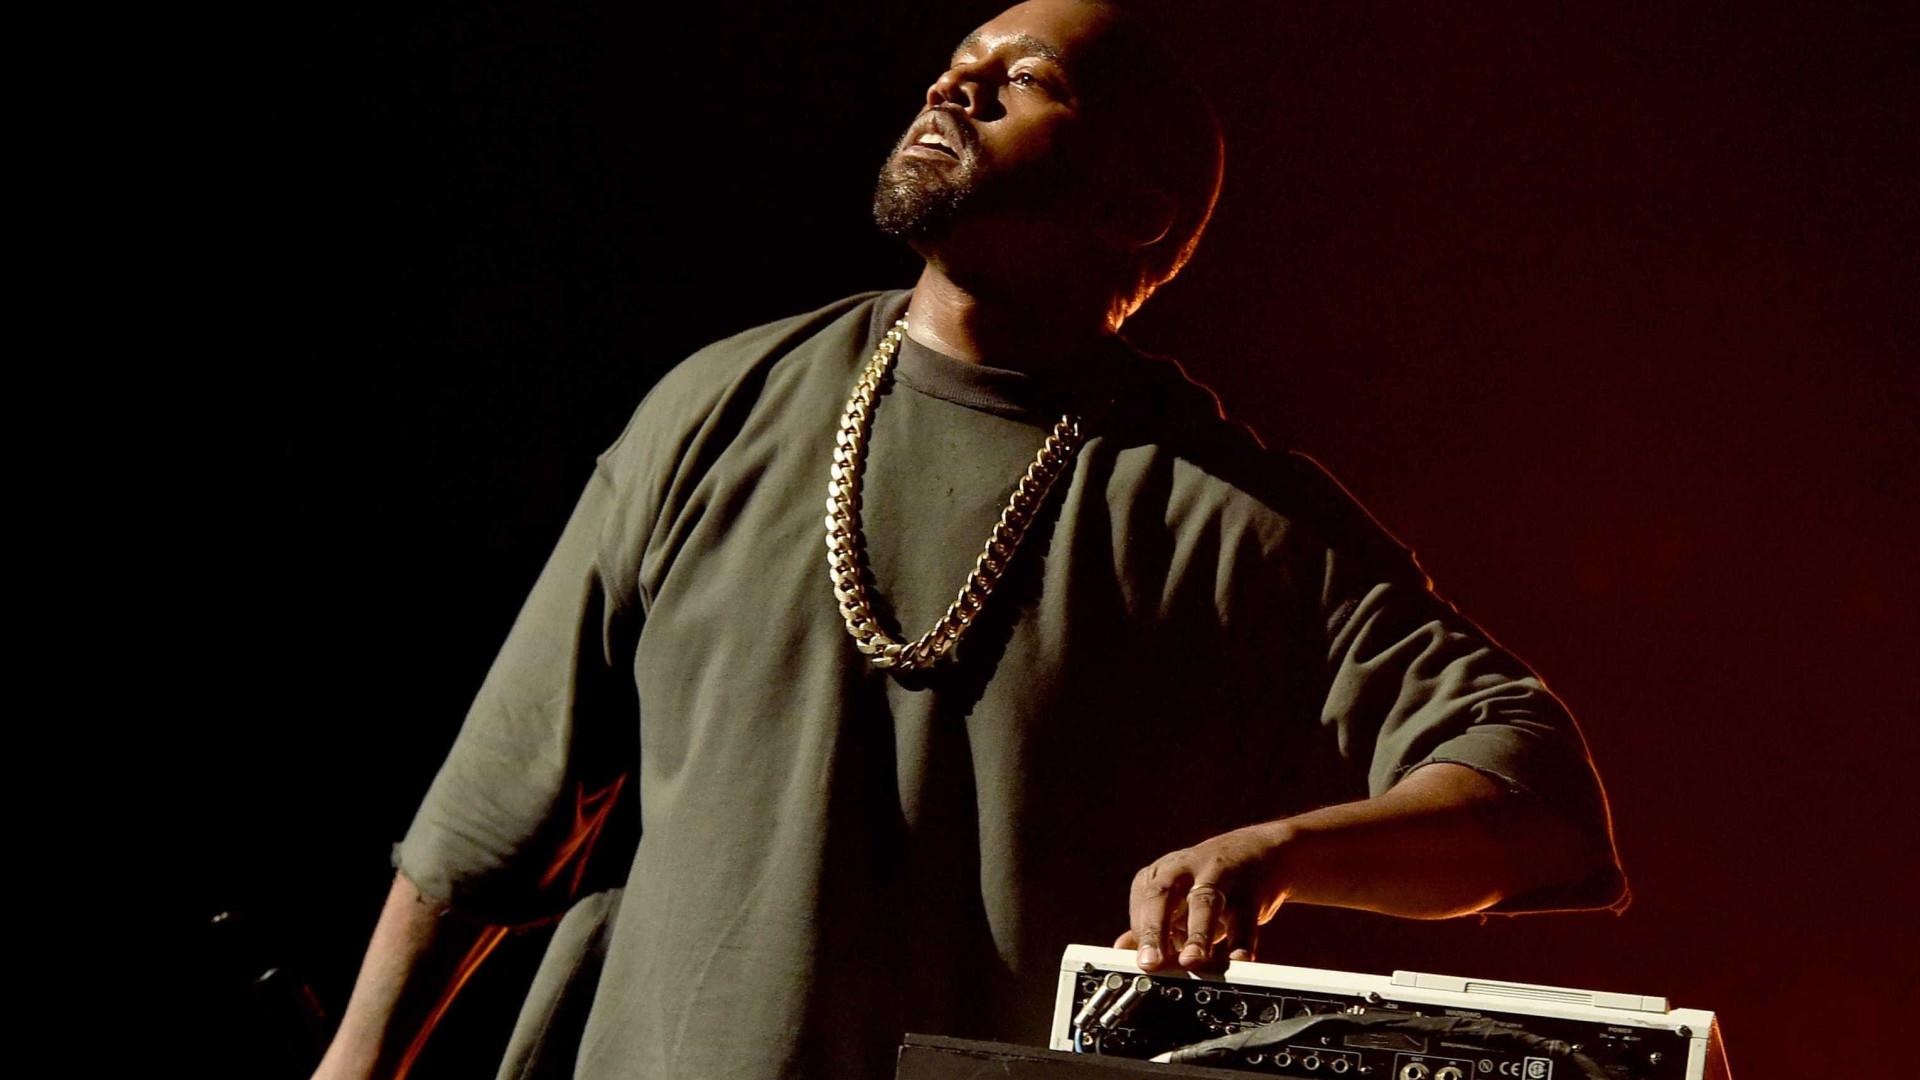 Após internamento hospitalar, Kanye West já está em casa